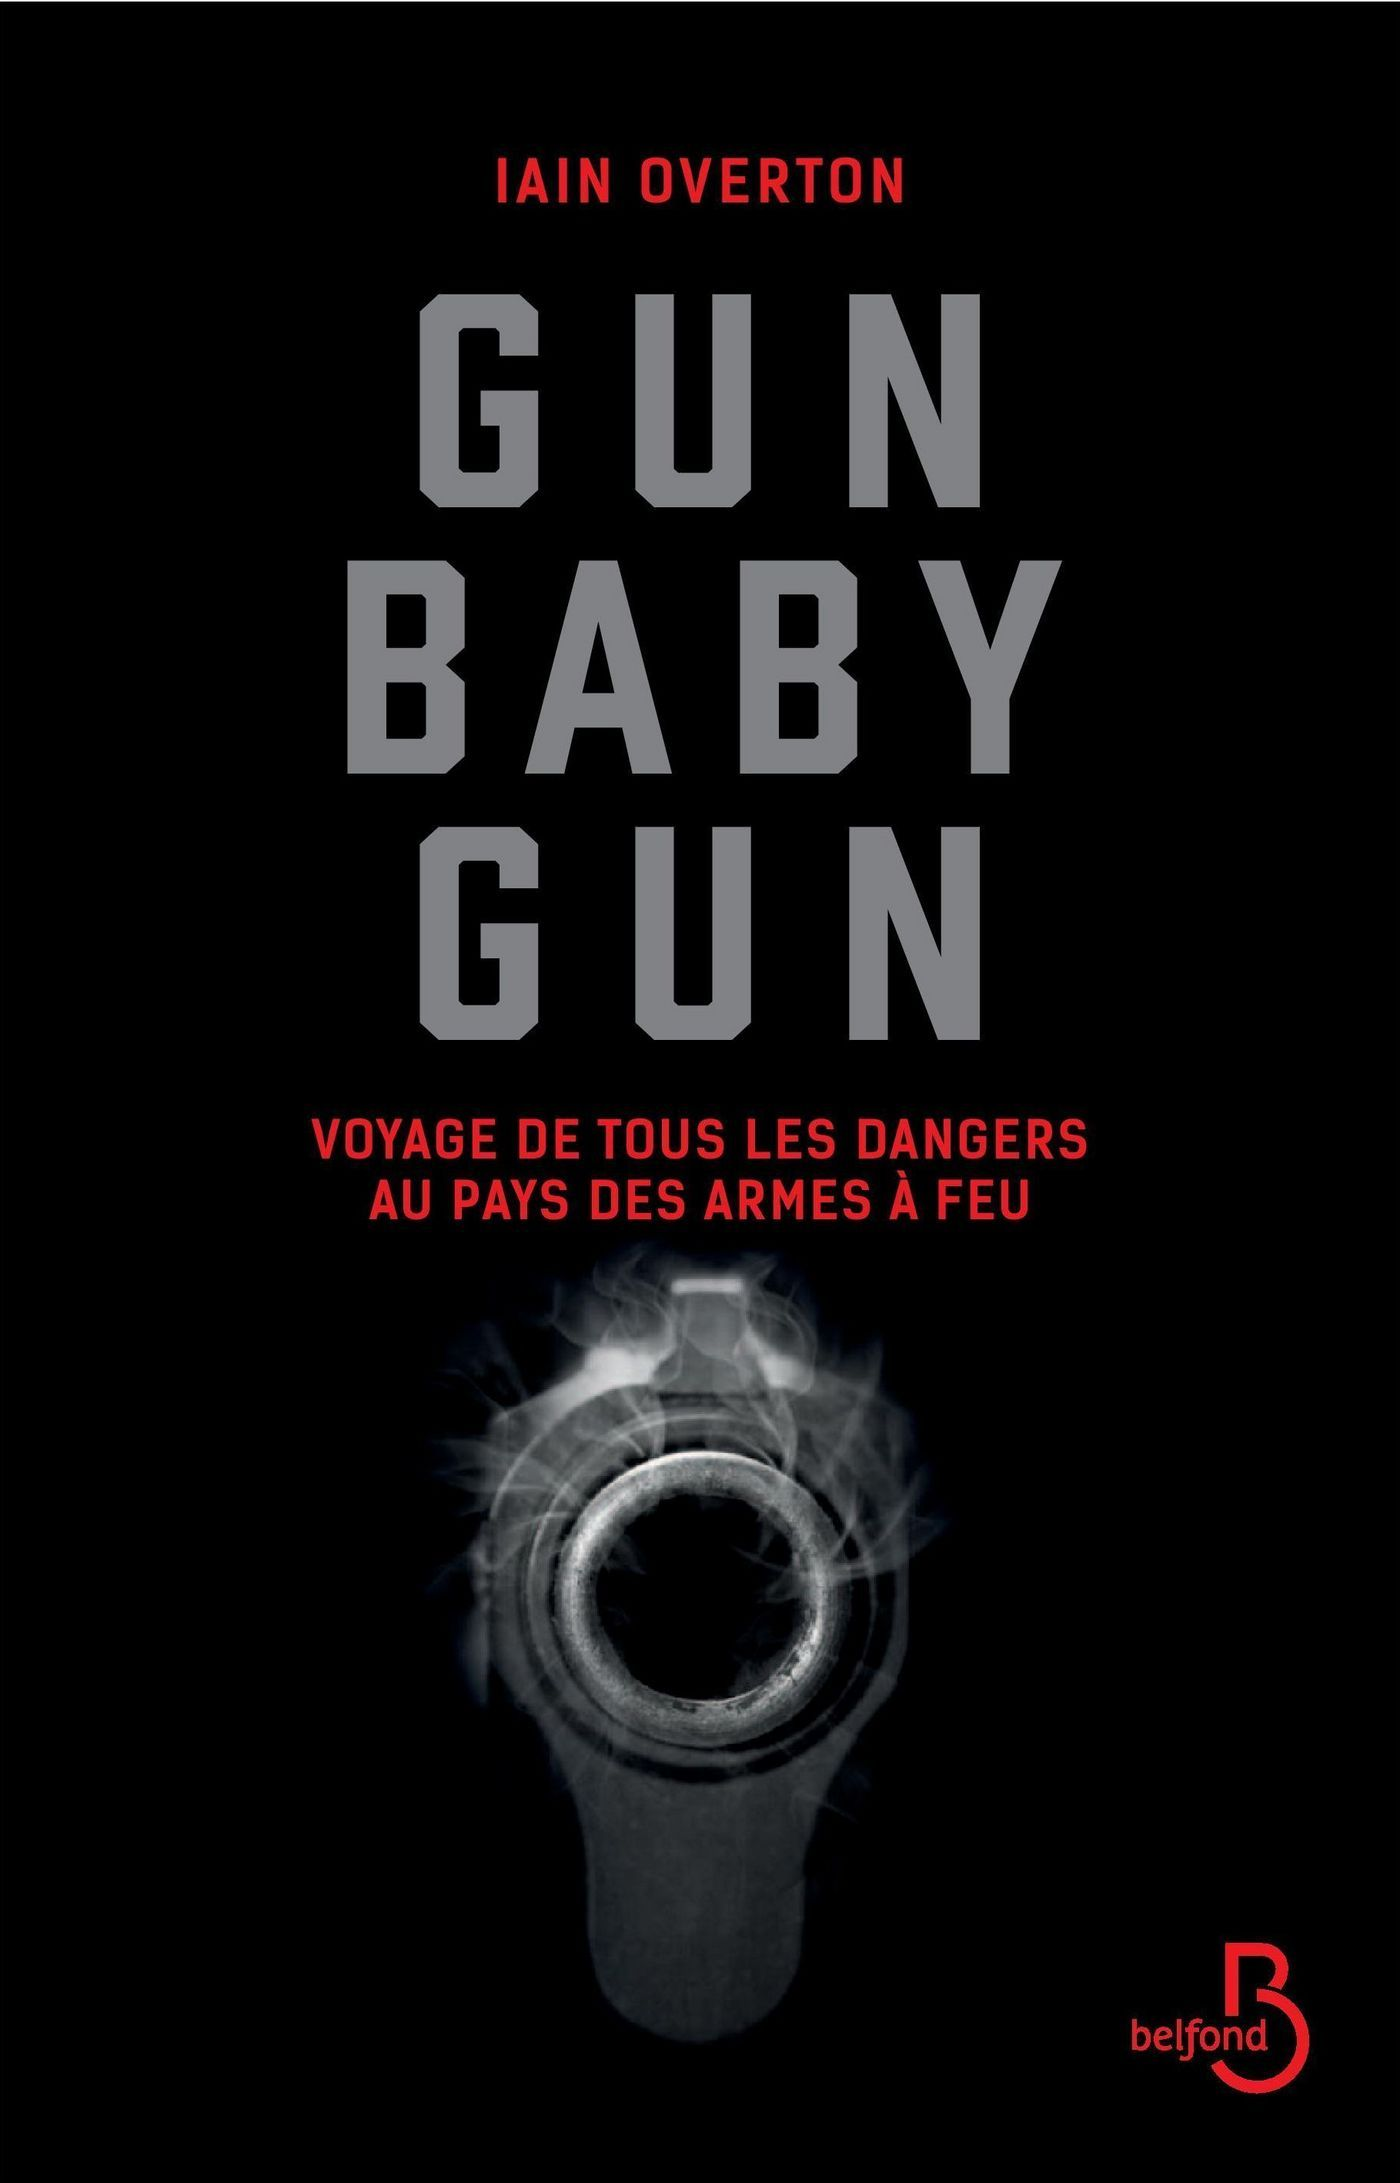 Gun baby gun, VOYAGE DE TOUS LES DANGERS AU PAYS DES ARMES À FEU